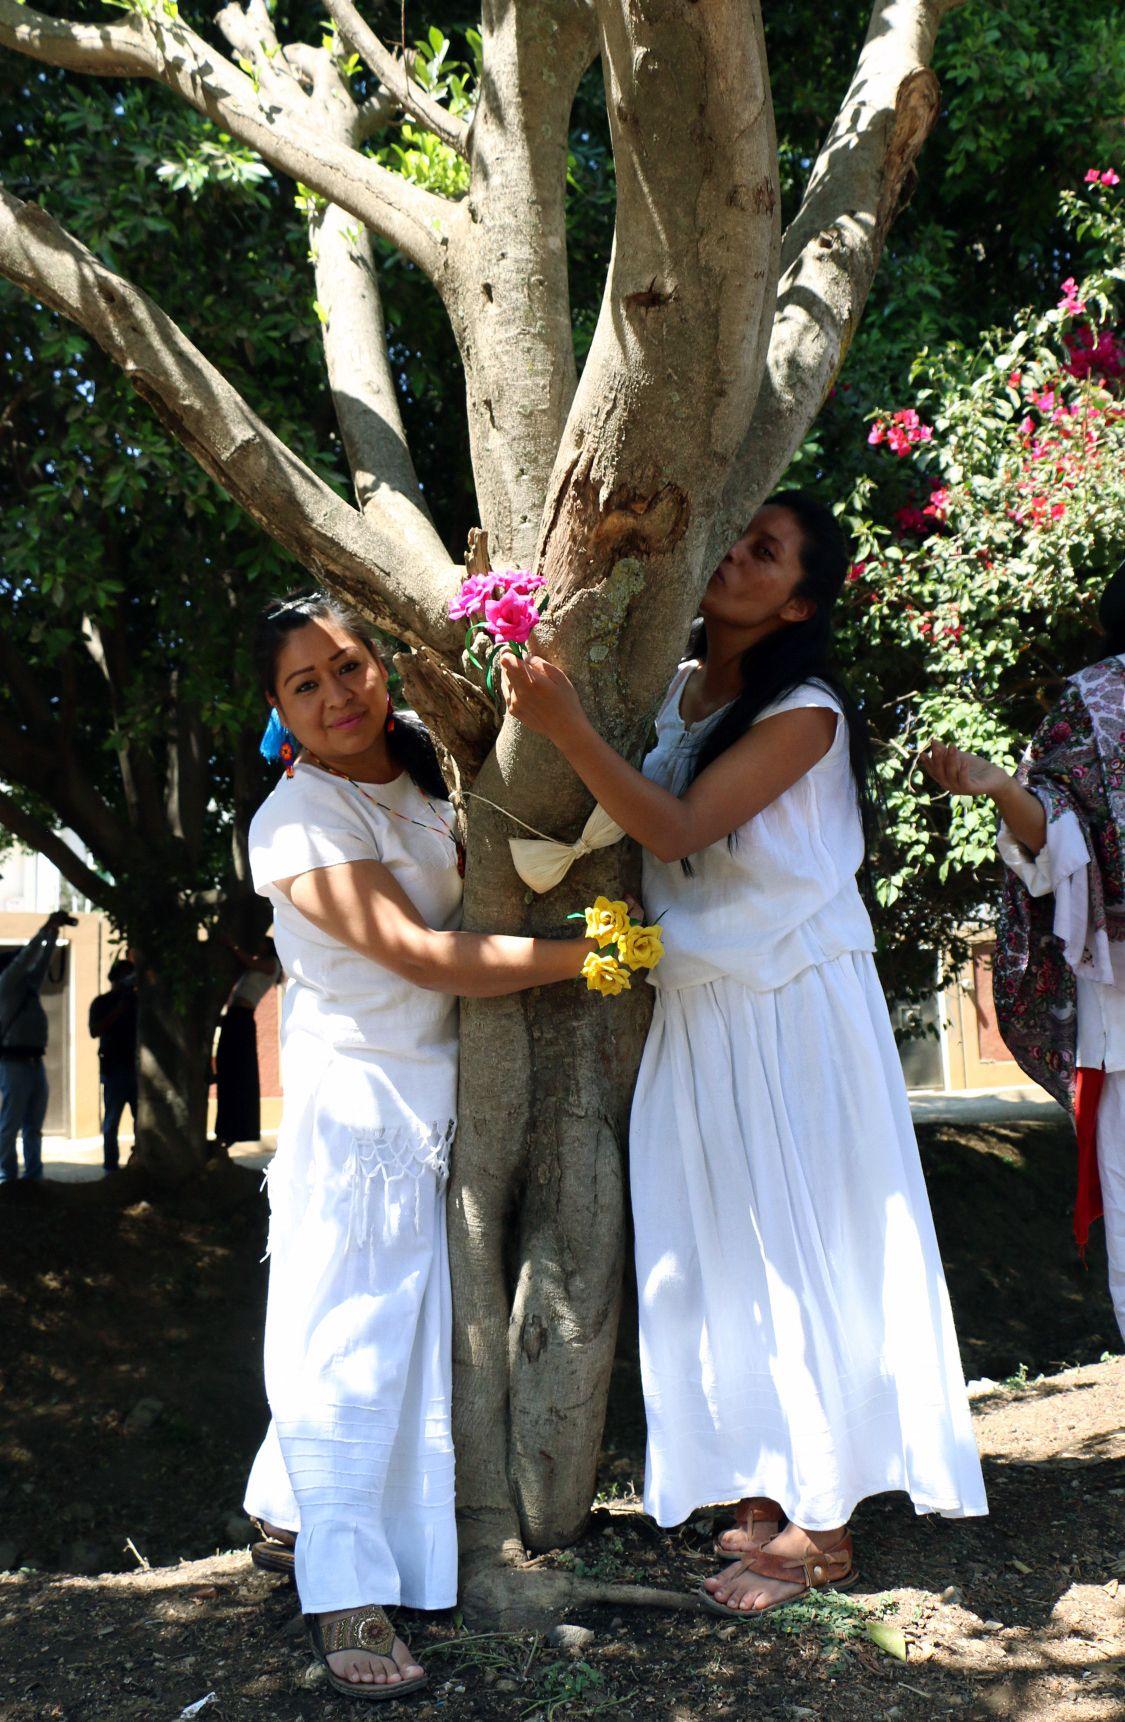 فتيات مشاركة في الحفل